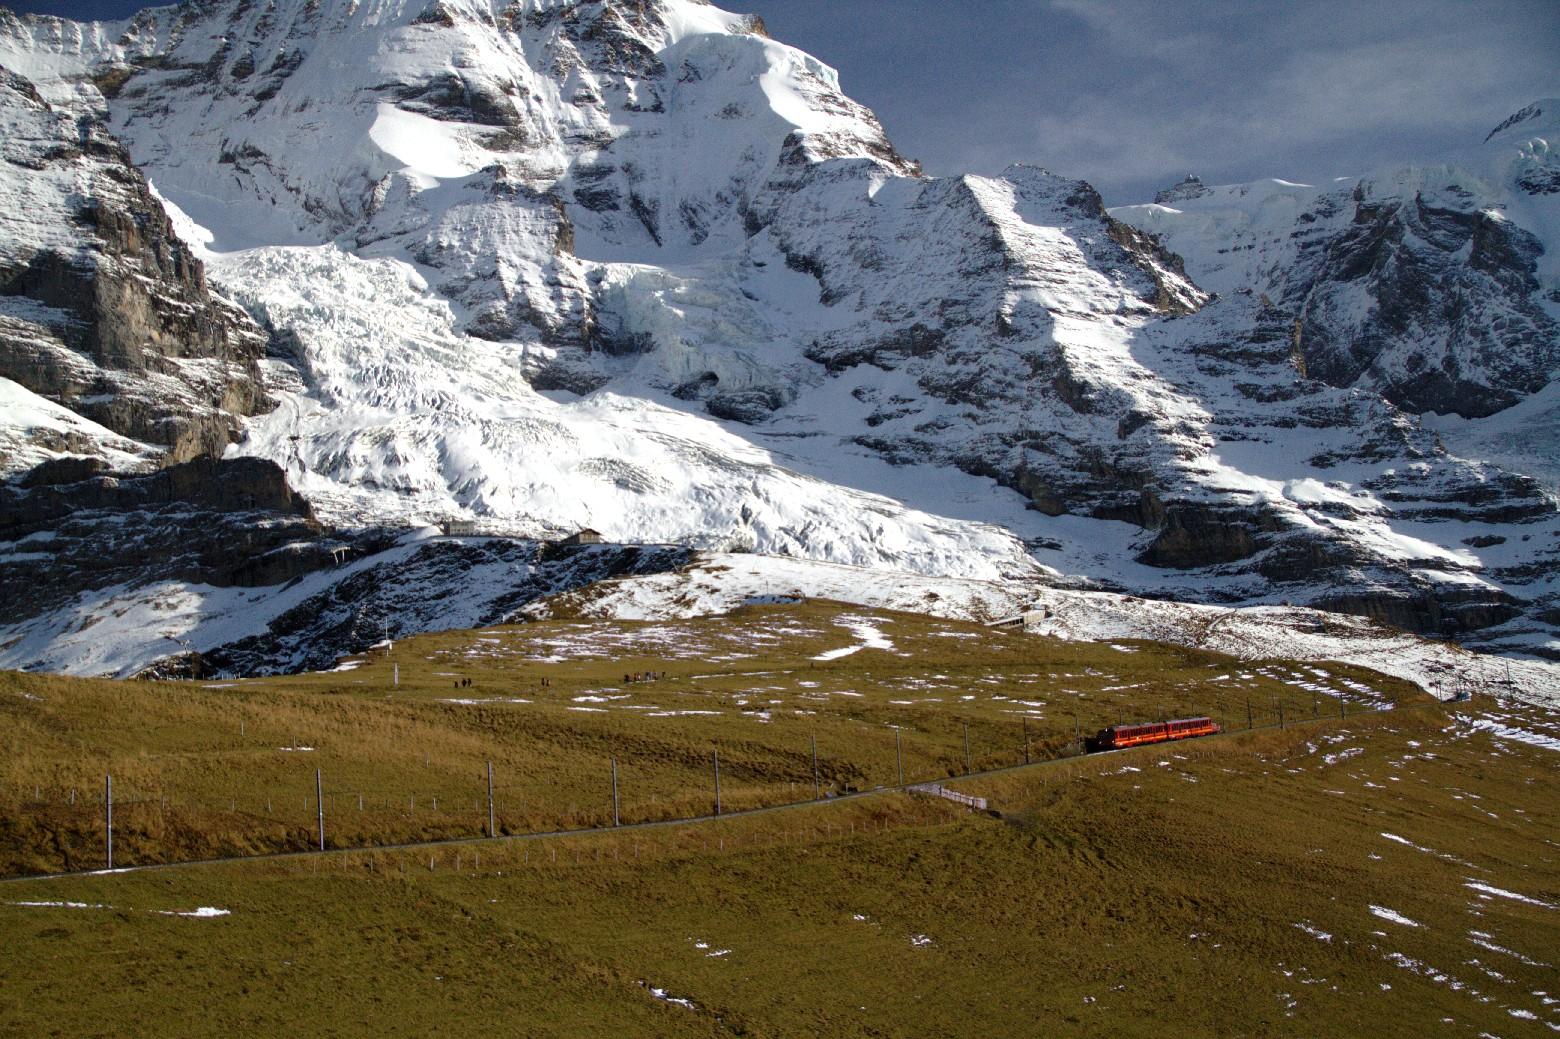 Vista da travessia até Jungfraujoch, a estação de trem mais alta da Europa, outra opção de viagem de trem na Suíça (foto: Eduardo Vessoni) www.swisstravelsystem.com